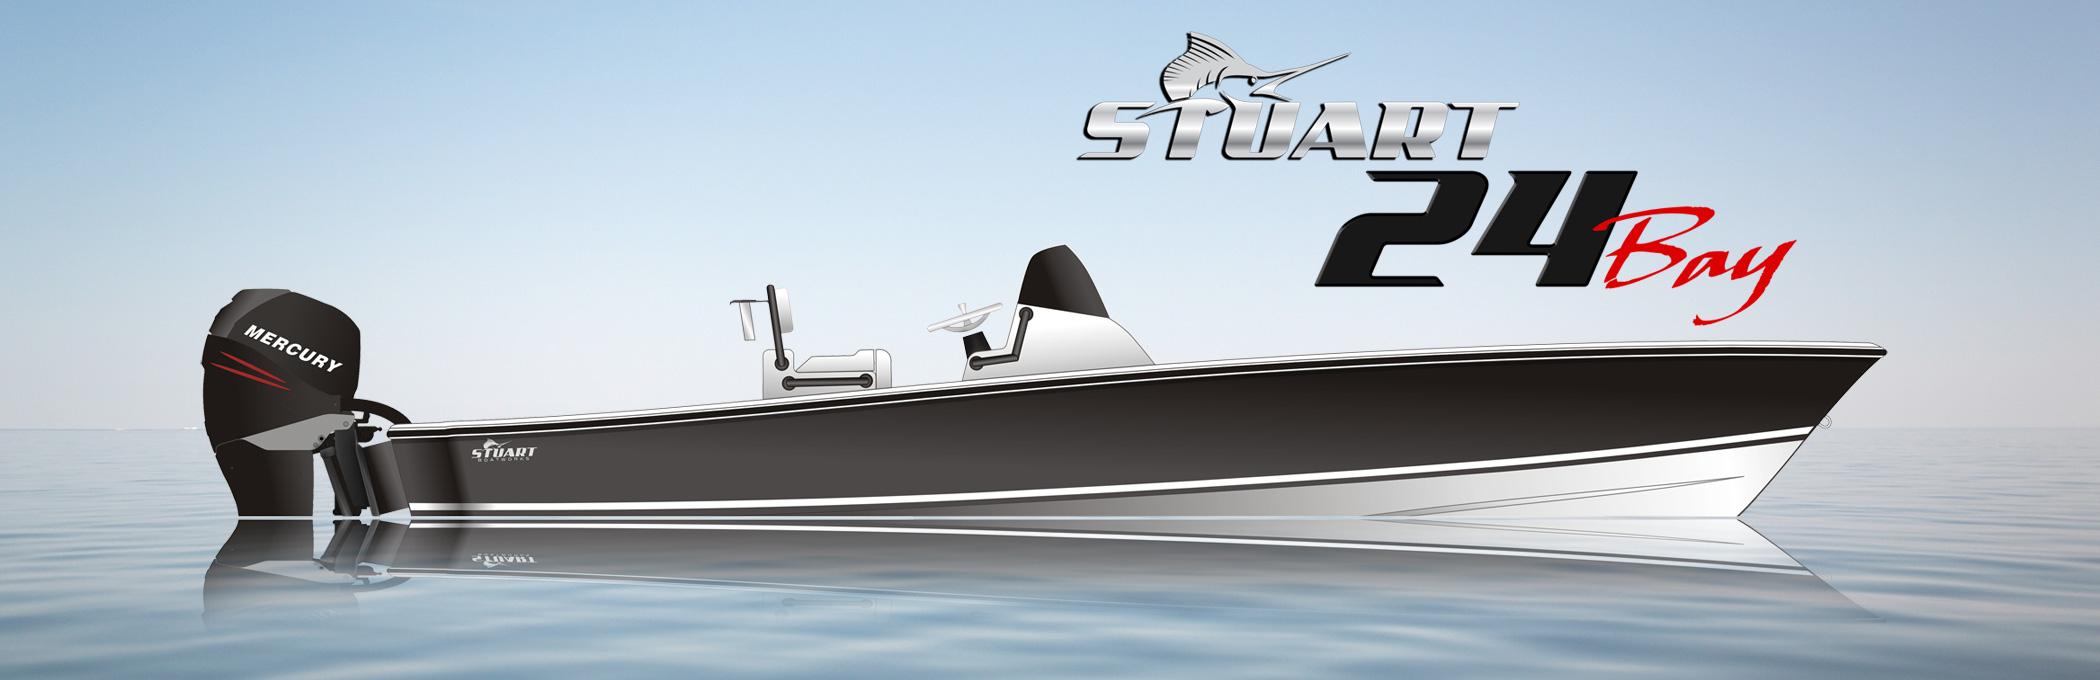 stuart-24-bay